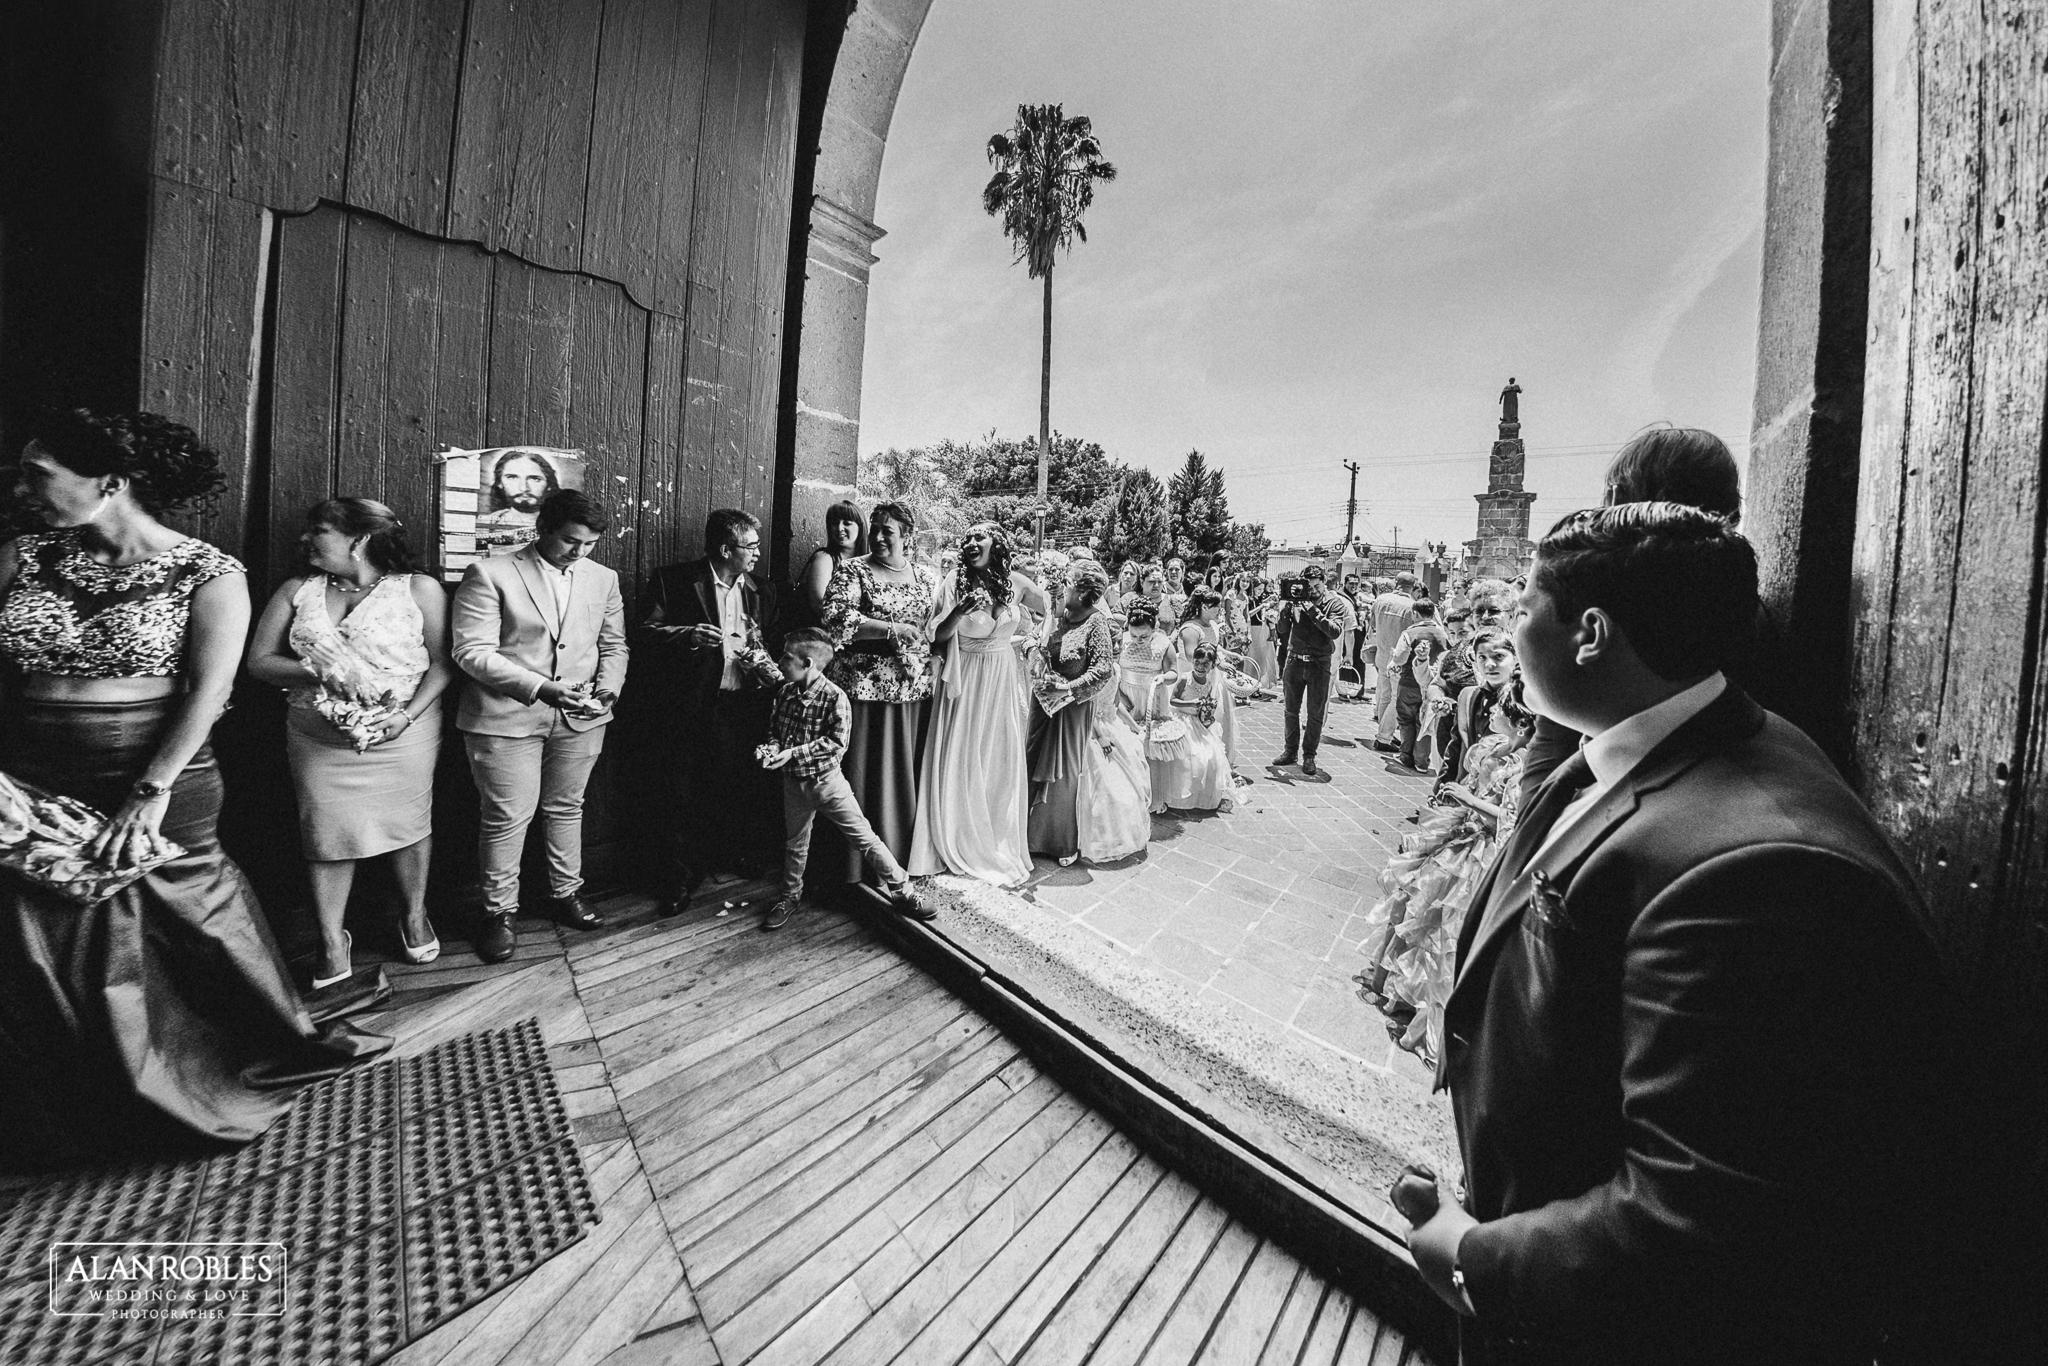 Wedding Moments, fotografia de bodas. Alan Robles Fotografo en Guadalajara.